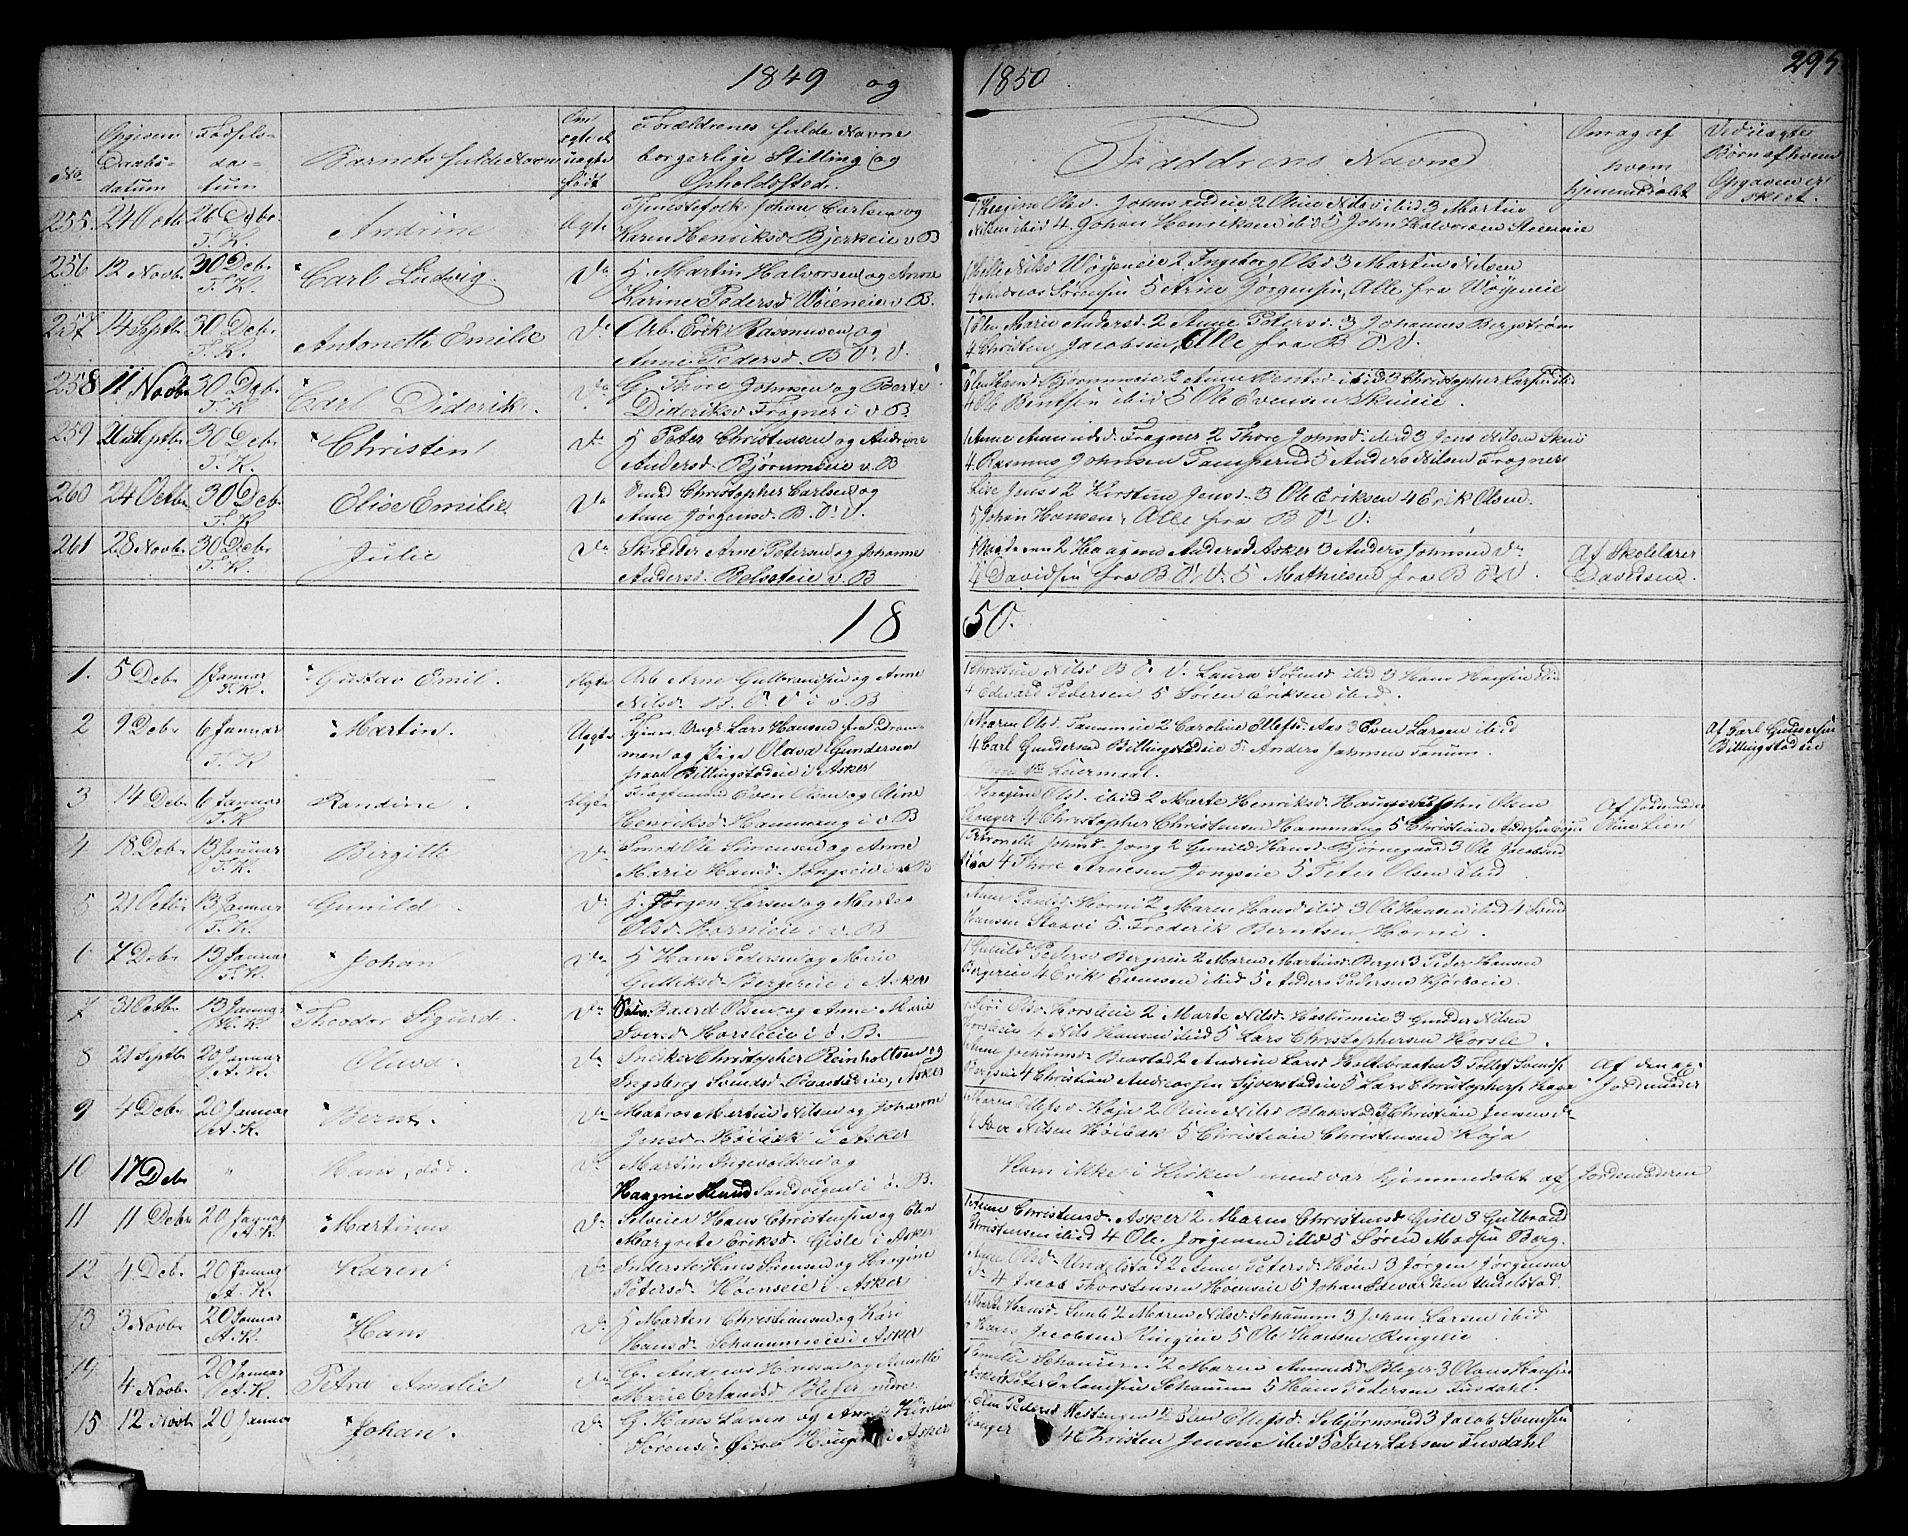 SAO, Asker prestekontor Kirkebøker, F/Fa/L0007: Ministerialbok nr. I 7, 1825-1864, s. 295